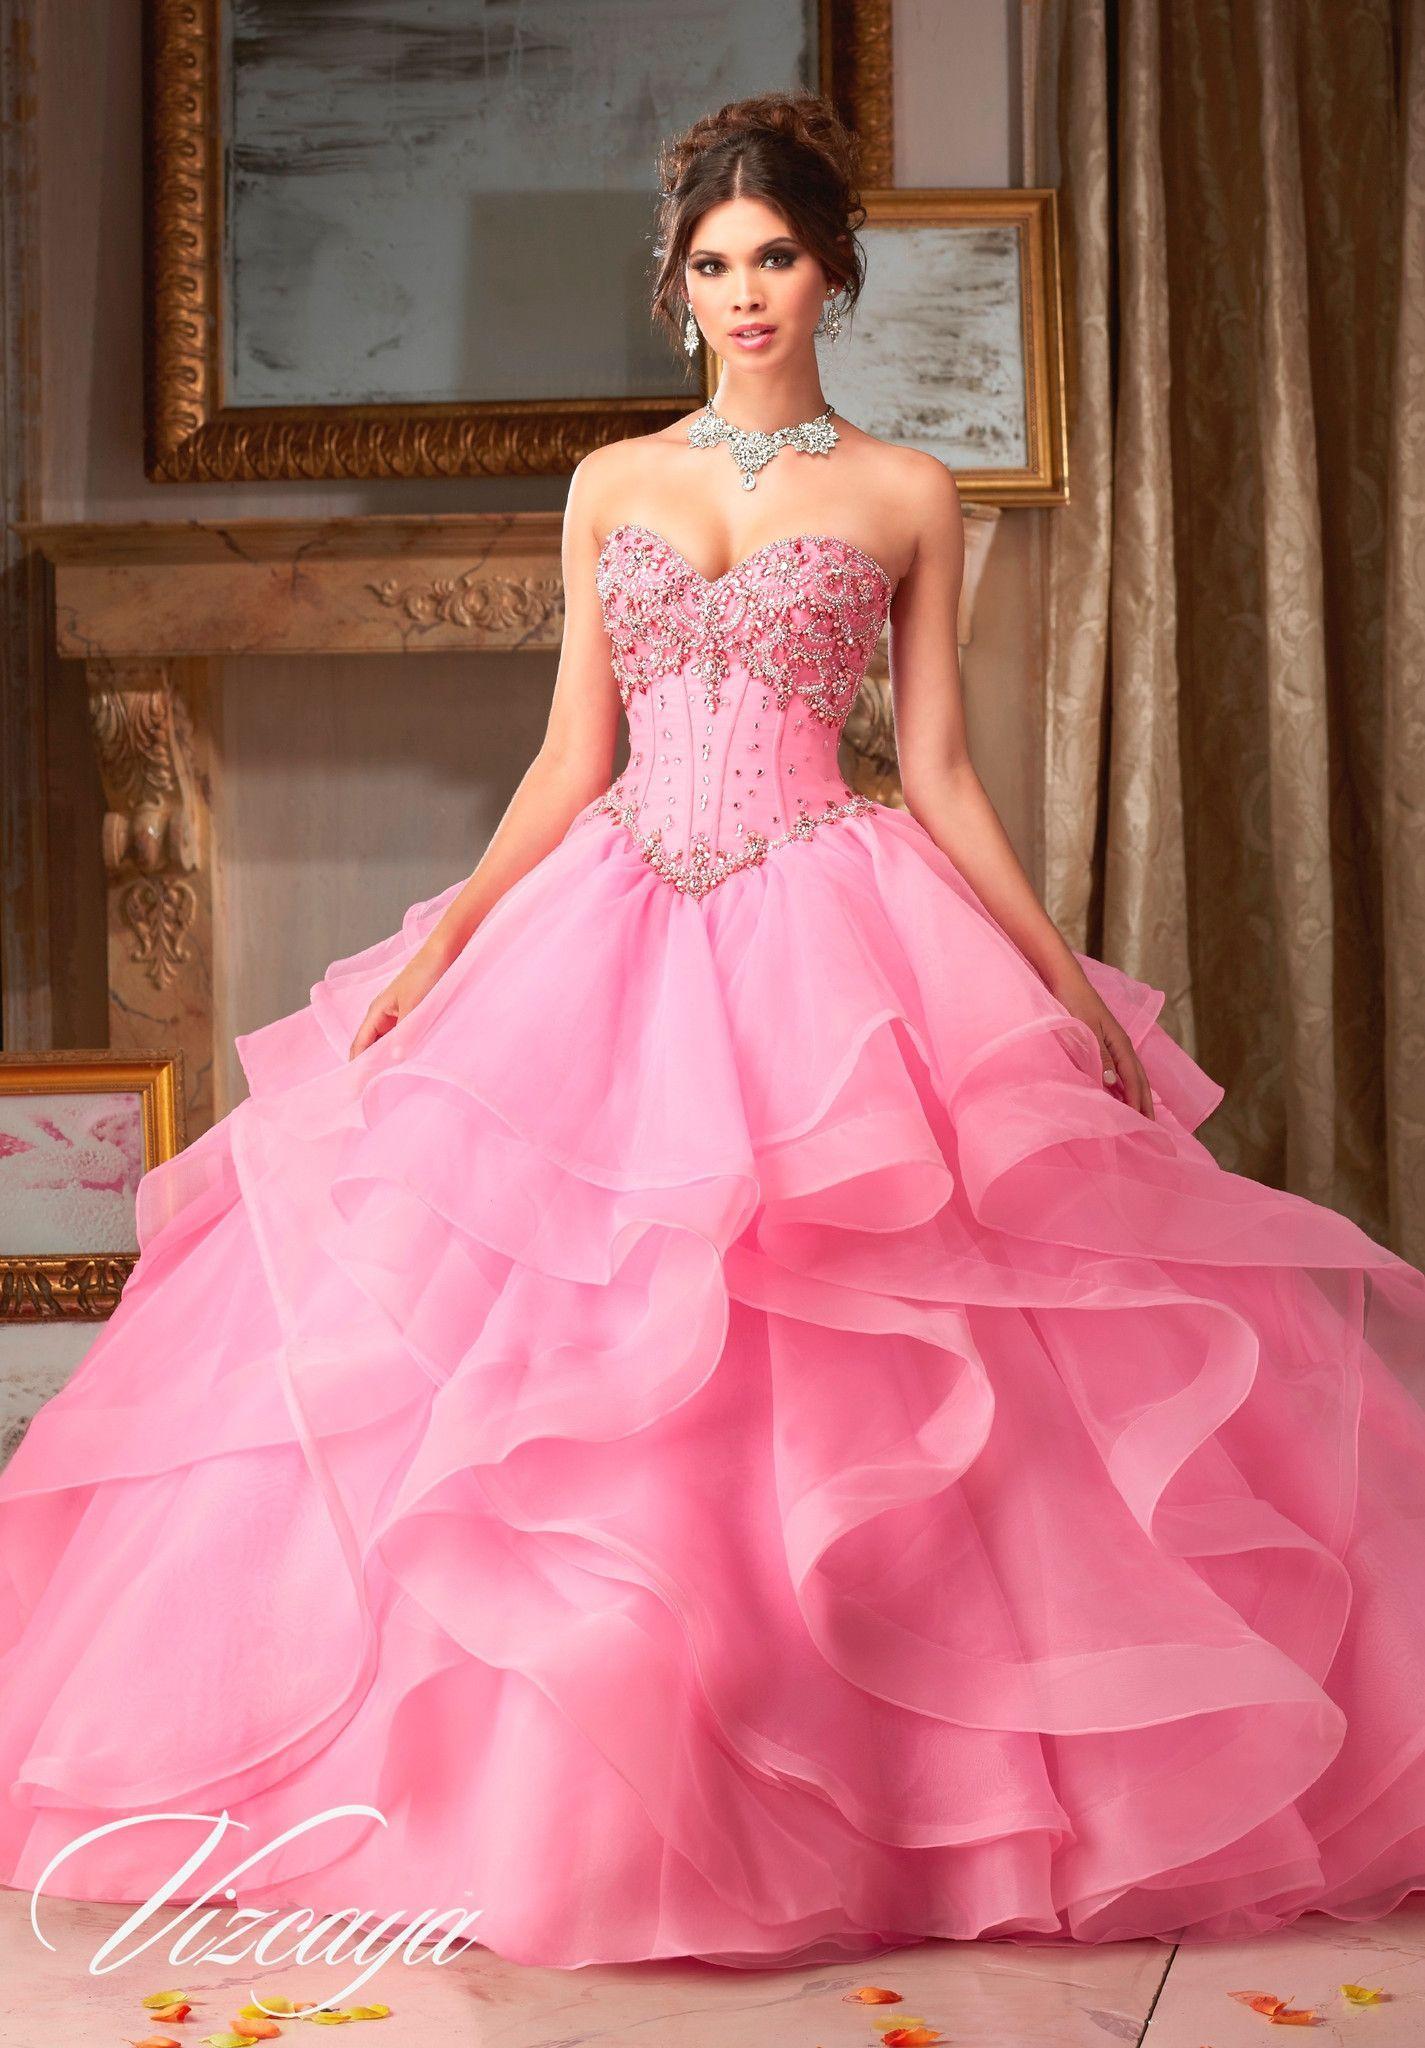 Mori Lee Quinceanera Dress 89107 | Trajes de quinceañeras, Vestido ...